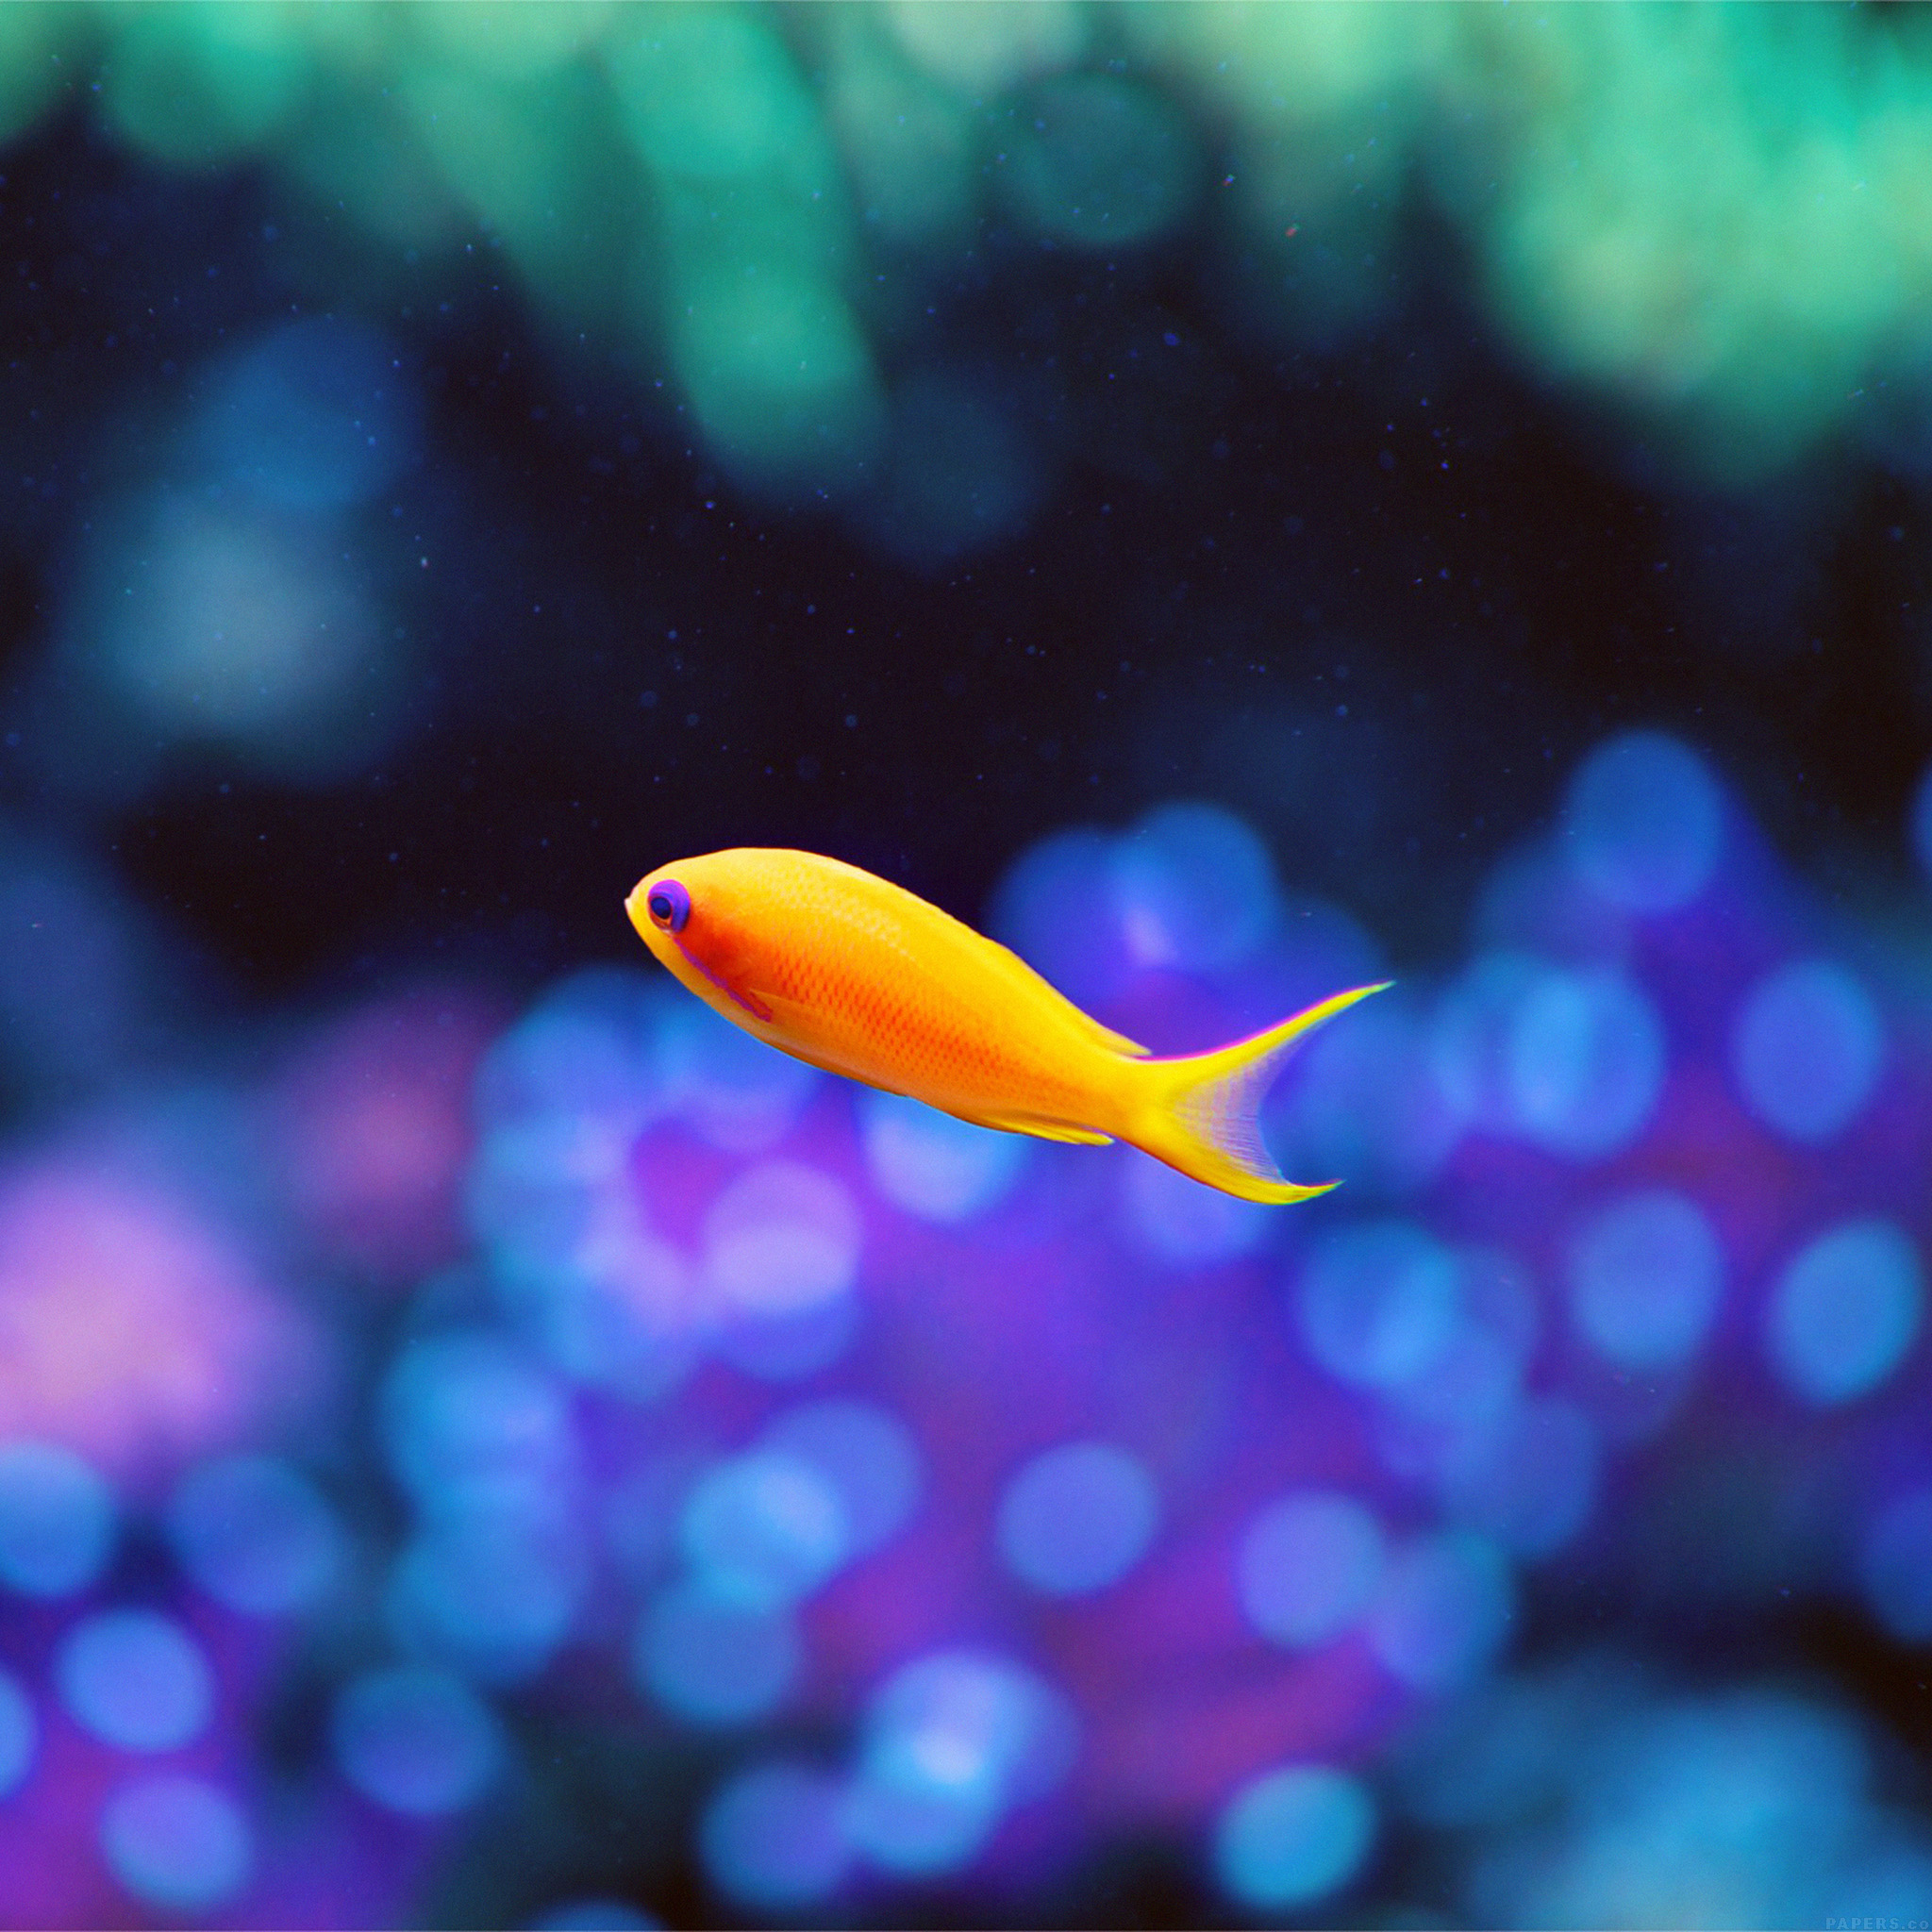 Classic Car Pictures Wallpaper Mj49 Cute Fish Nemo Ocean Sea Animal Nature Wallpaper